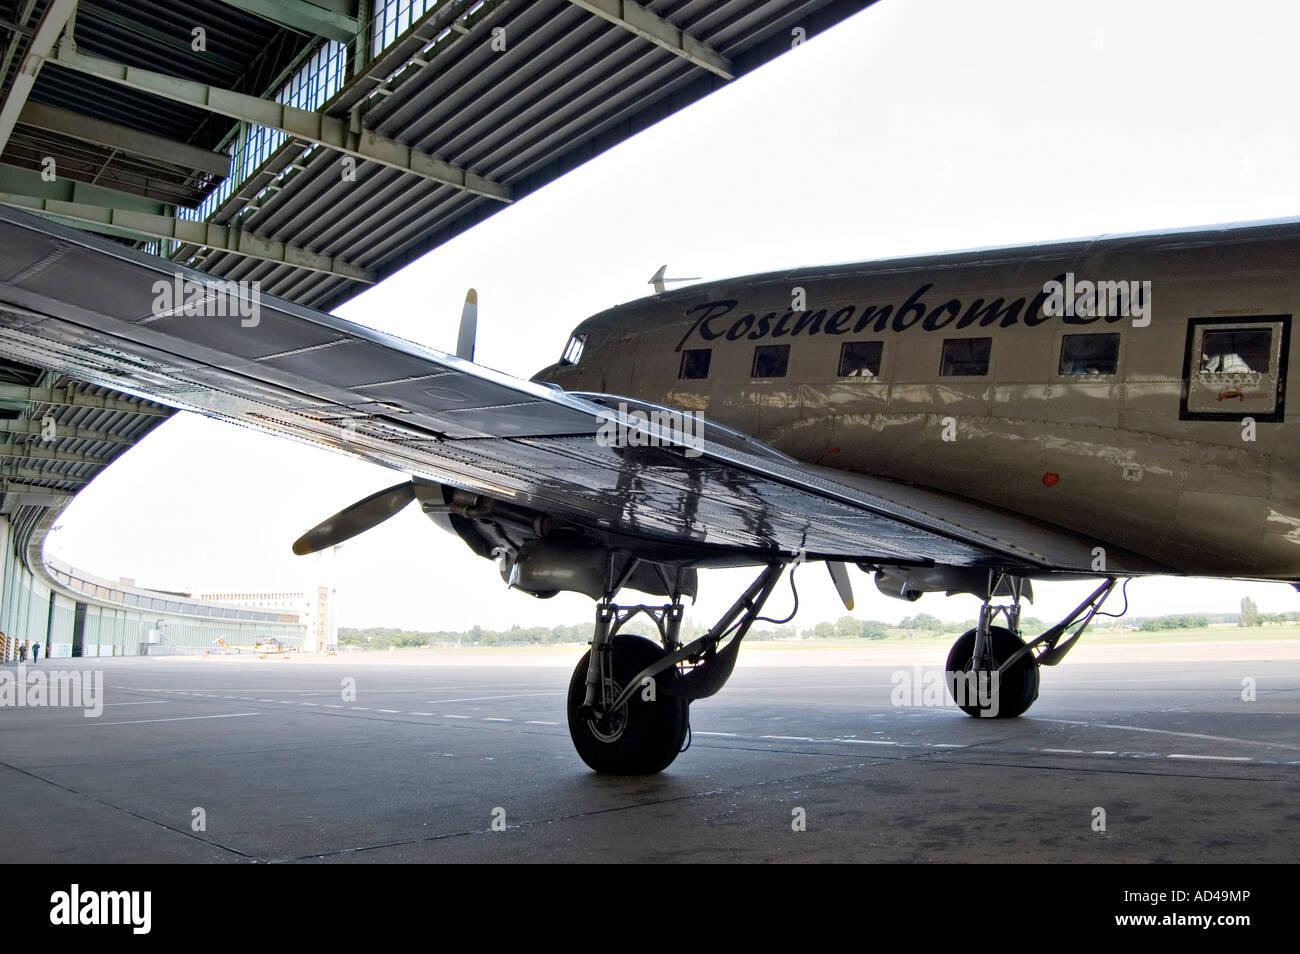 Douglas DC-3/C-47 aircraft, 'Raisin Bomber', Tempelhof airport, Berlin - Stock Image